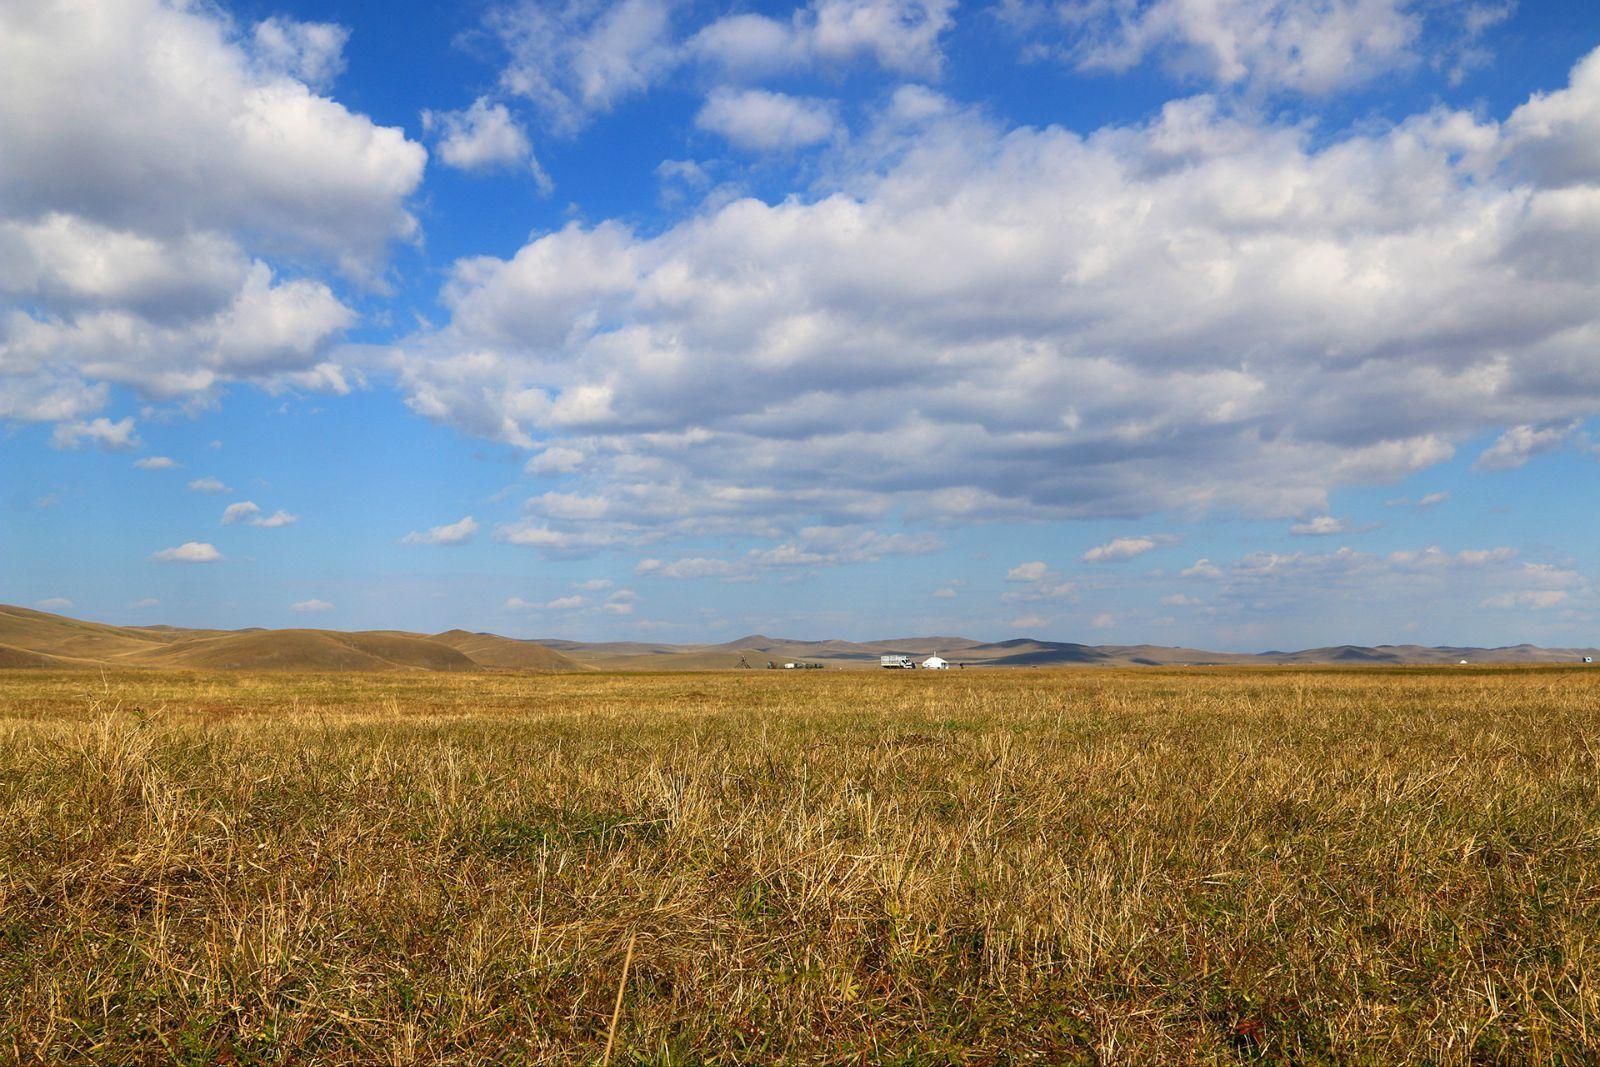 壁纸 草原 成片种植 风景 植物 种植基地 桌面 1600_1067